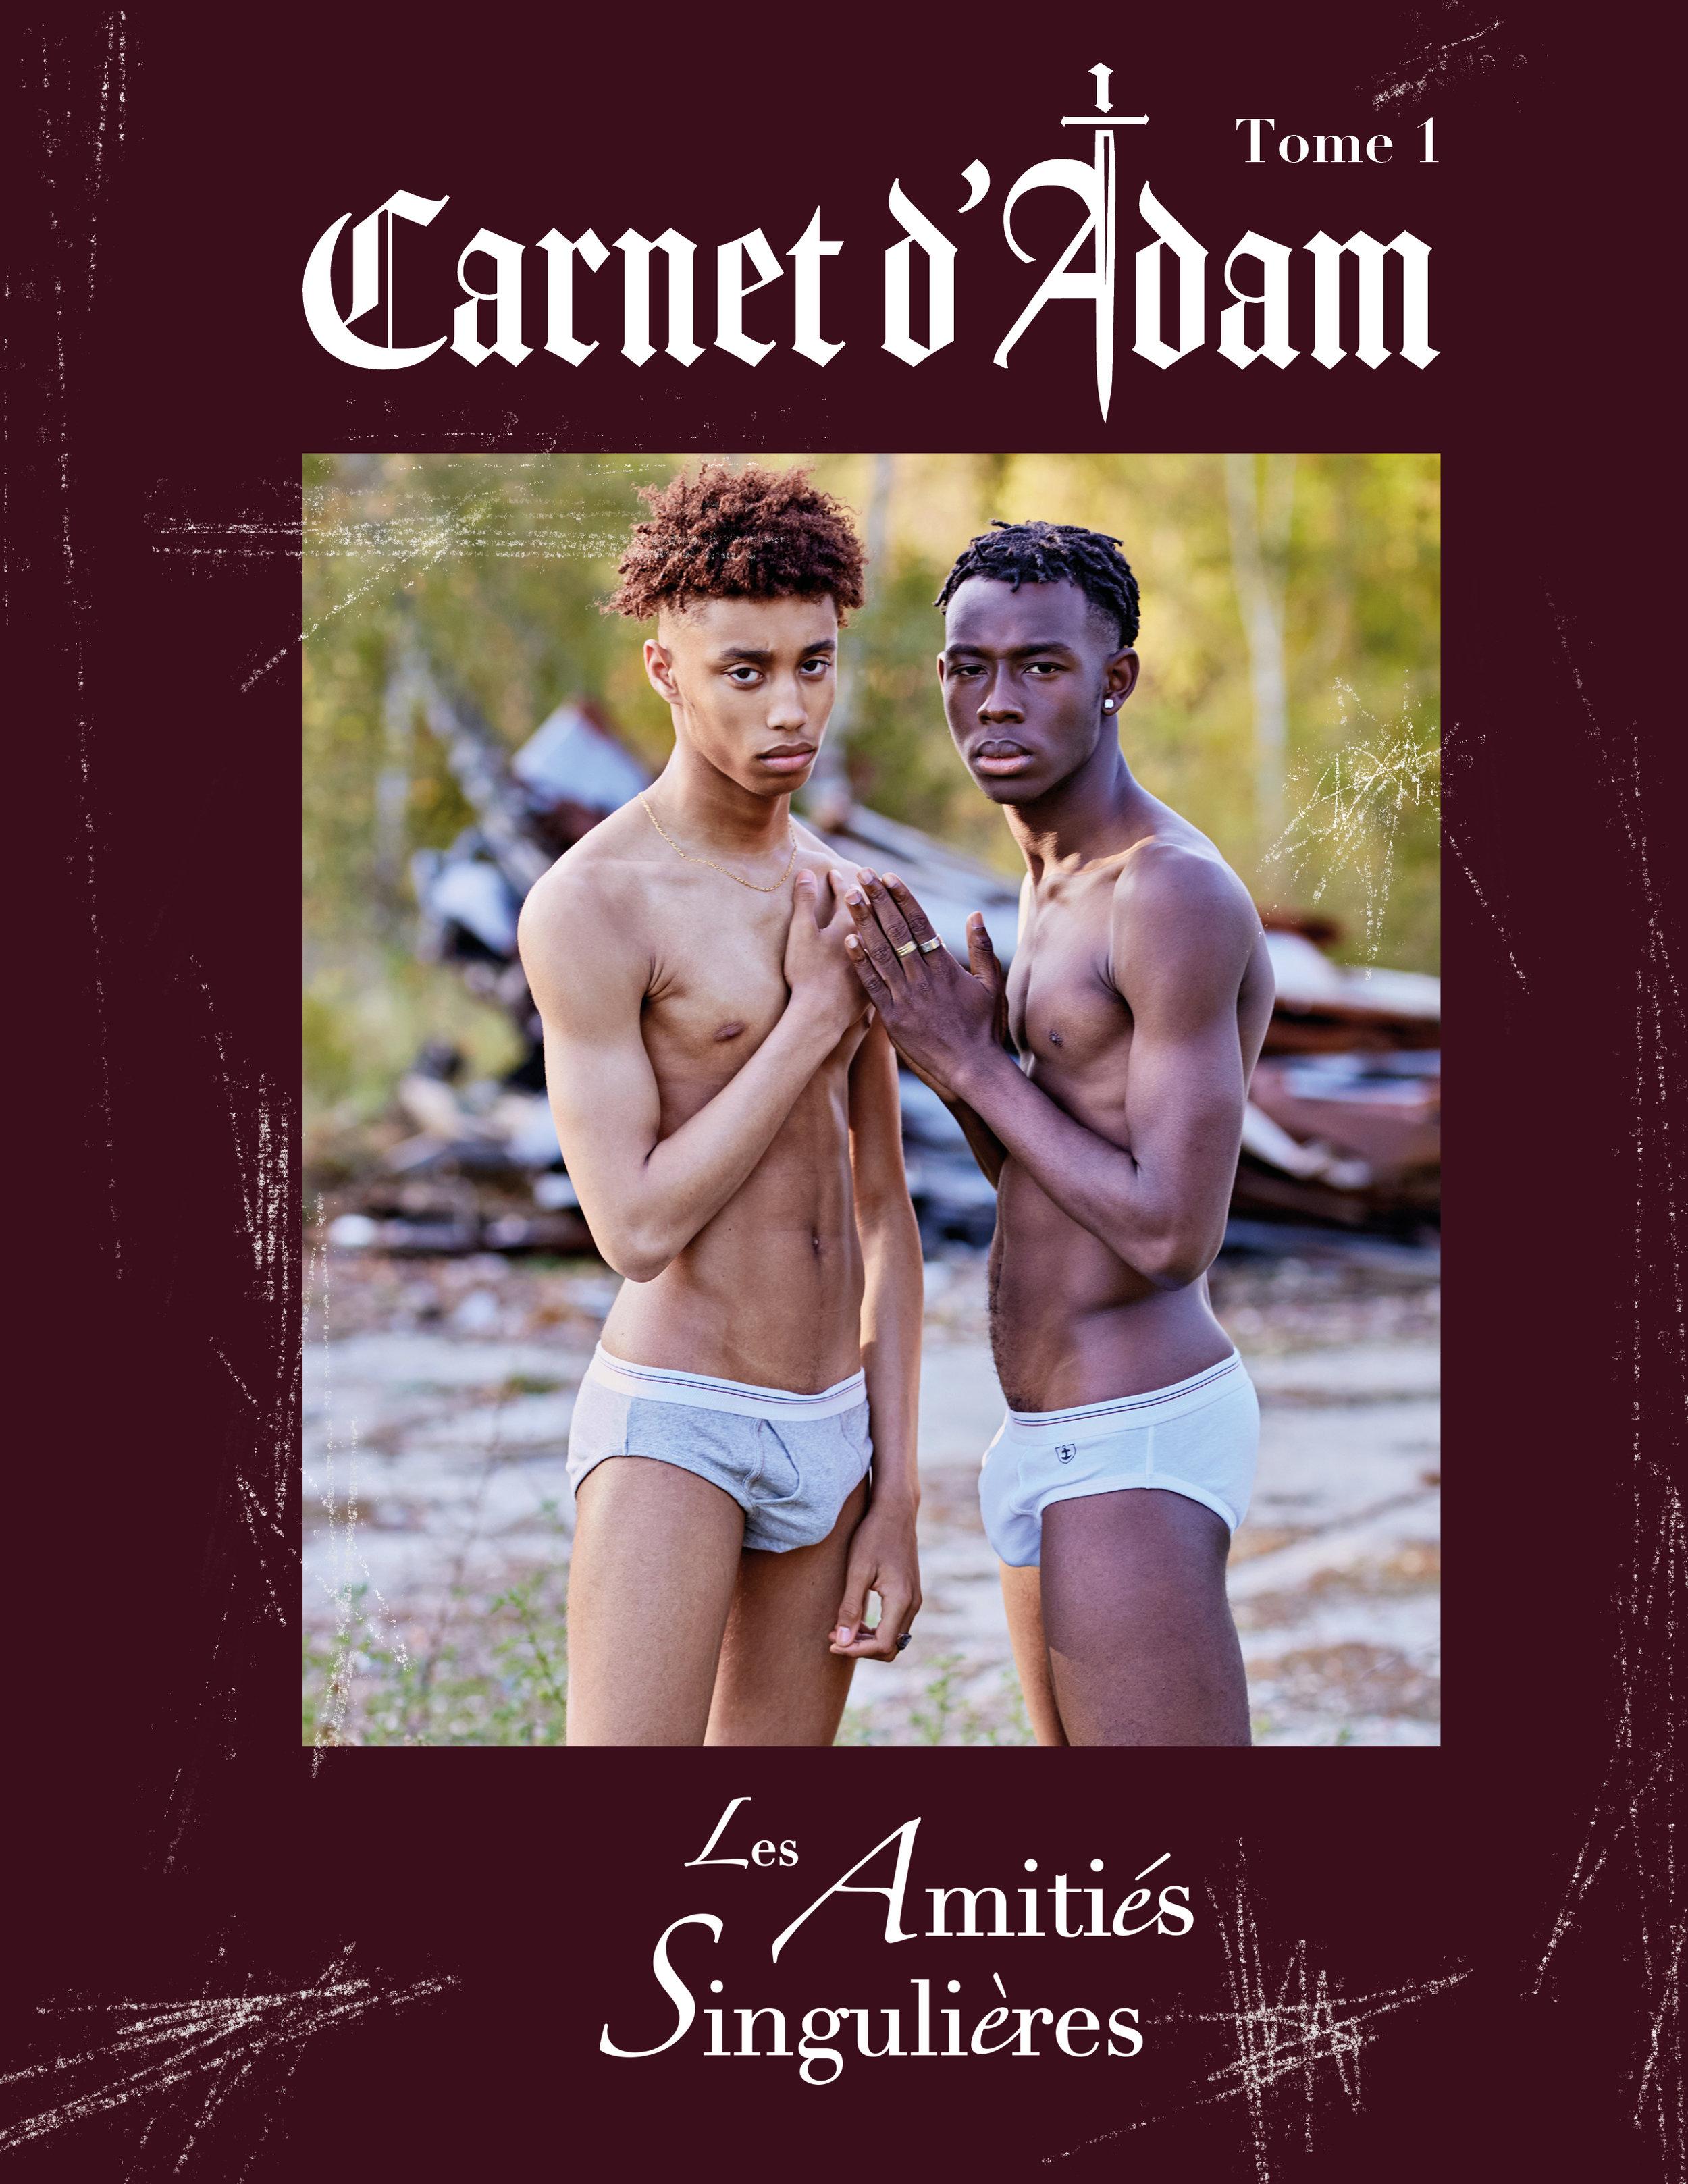 Cover_CARNET D'ADAM FANZINE - Tome 1_v2.jpg